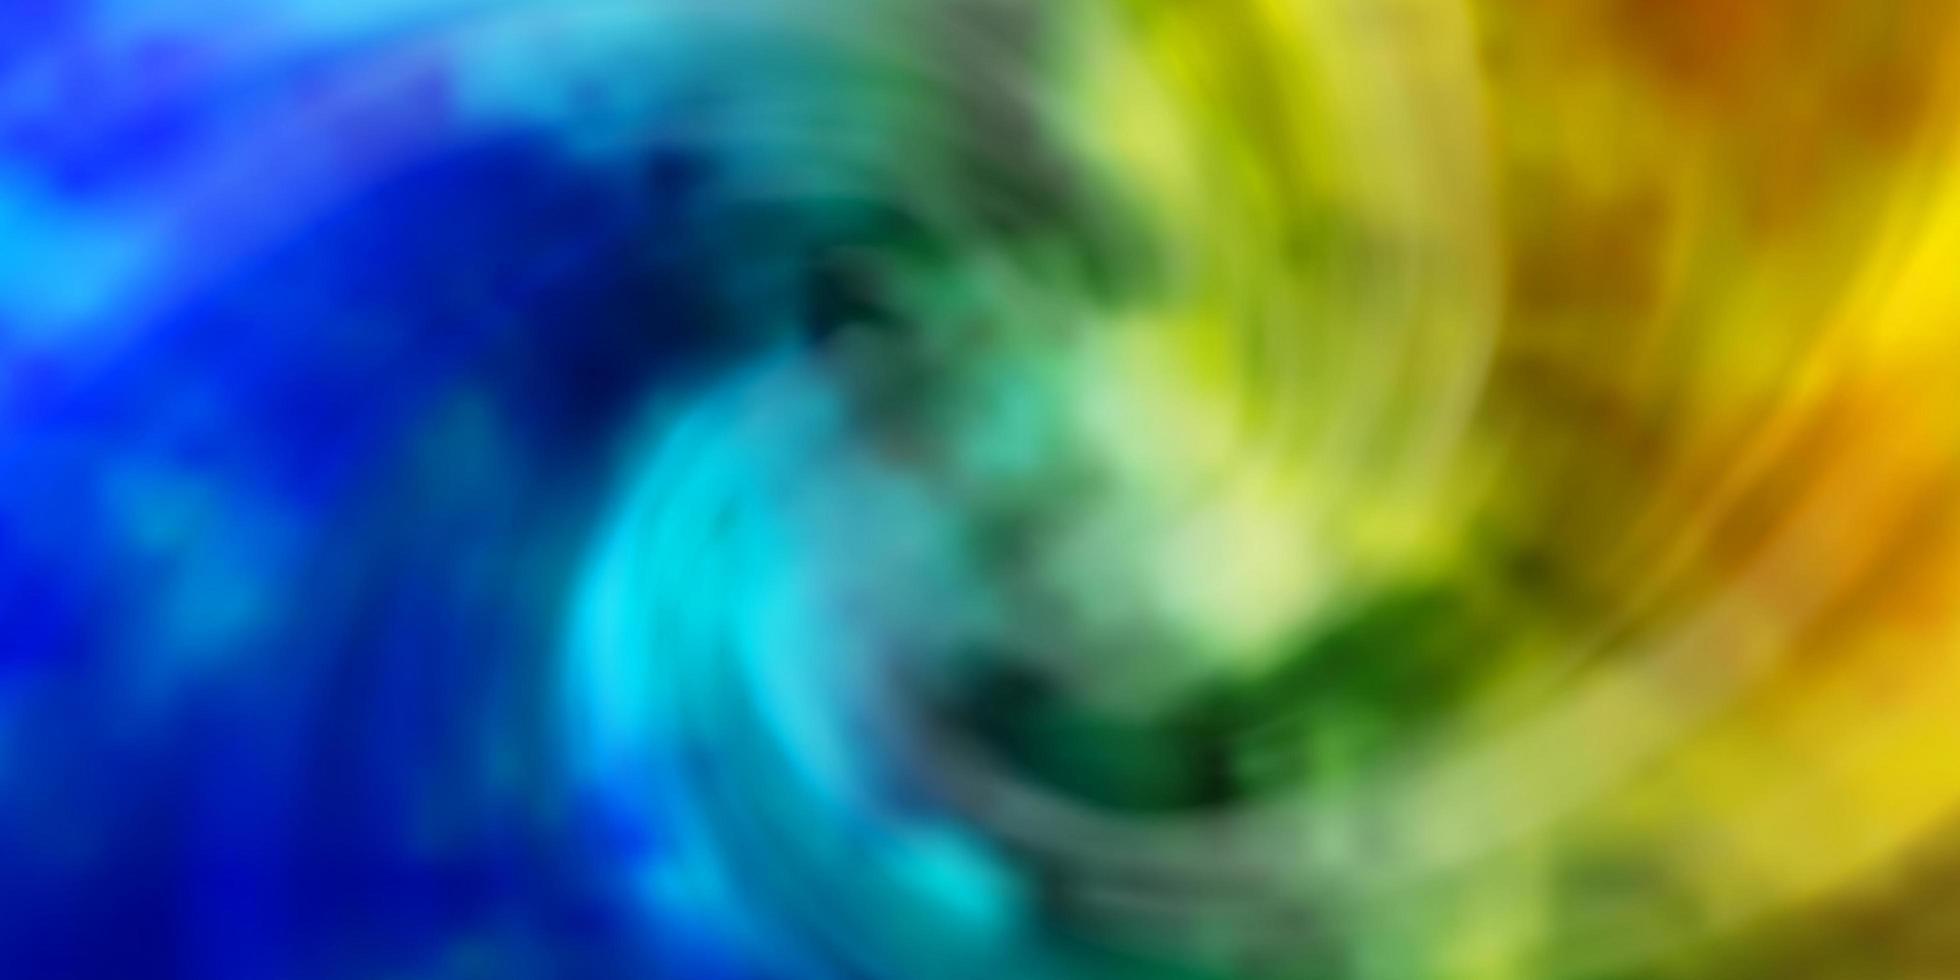 disposition de vecteur bleu clair, vert avec cloudscape.